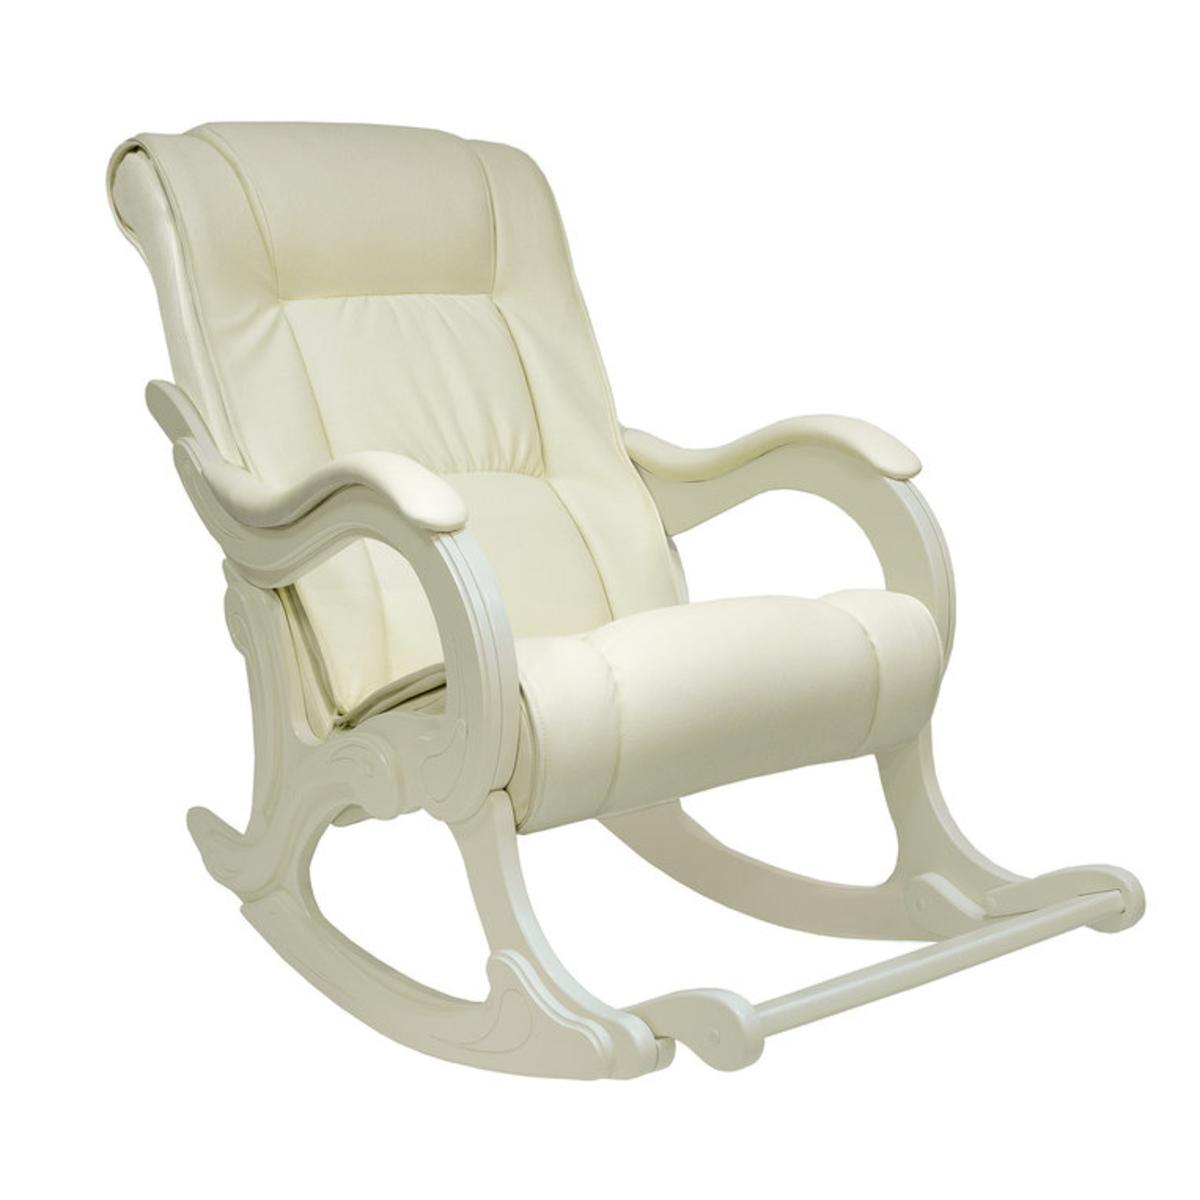 Кресло-качалка, модель 77 IMP0003770 Кресло-качалка модель 77, (13559) фото